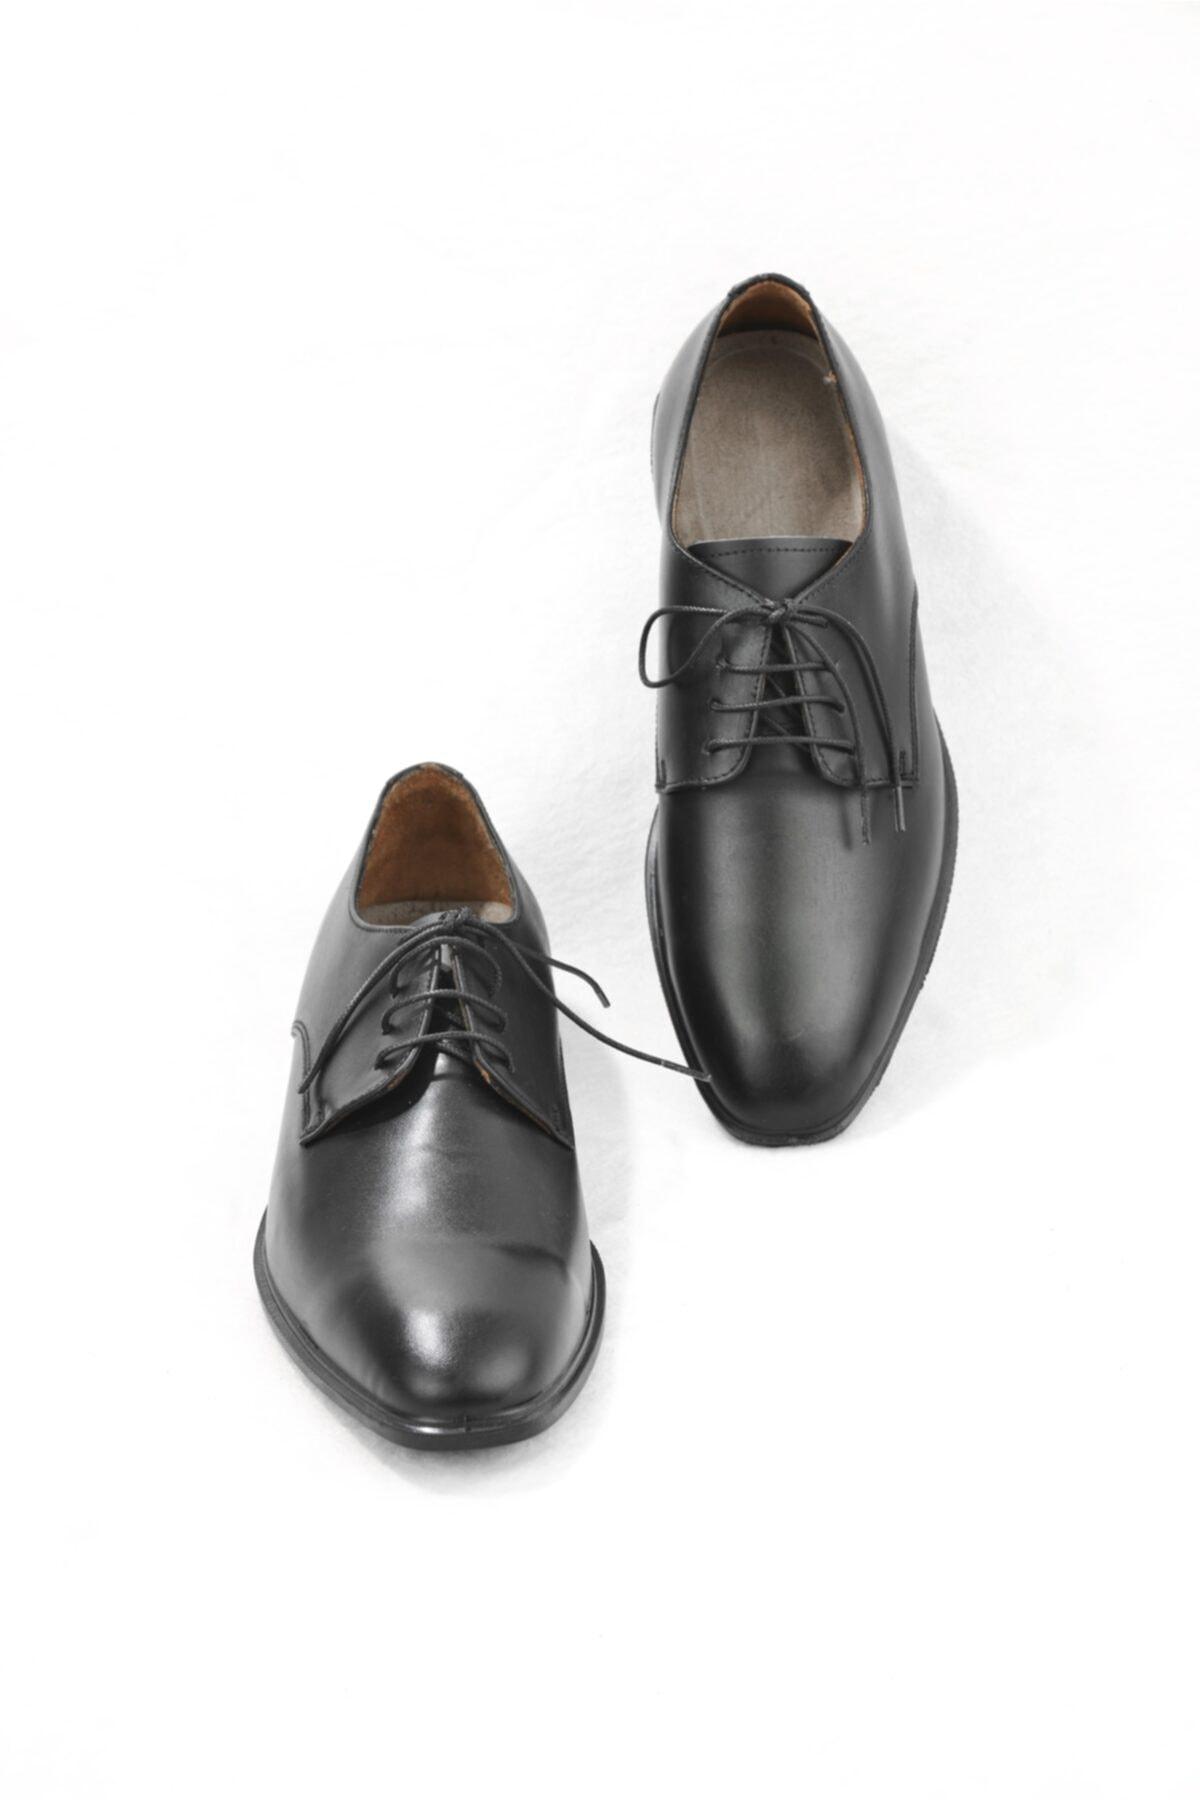 E CENGİZ Hakiki Deri Klasik Erkek Ayakkabı 2